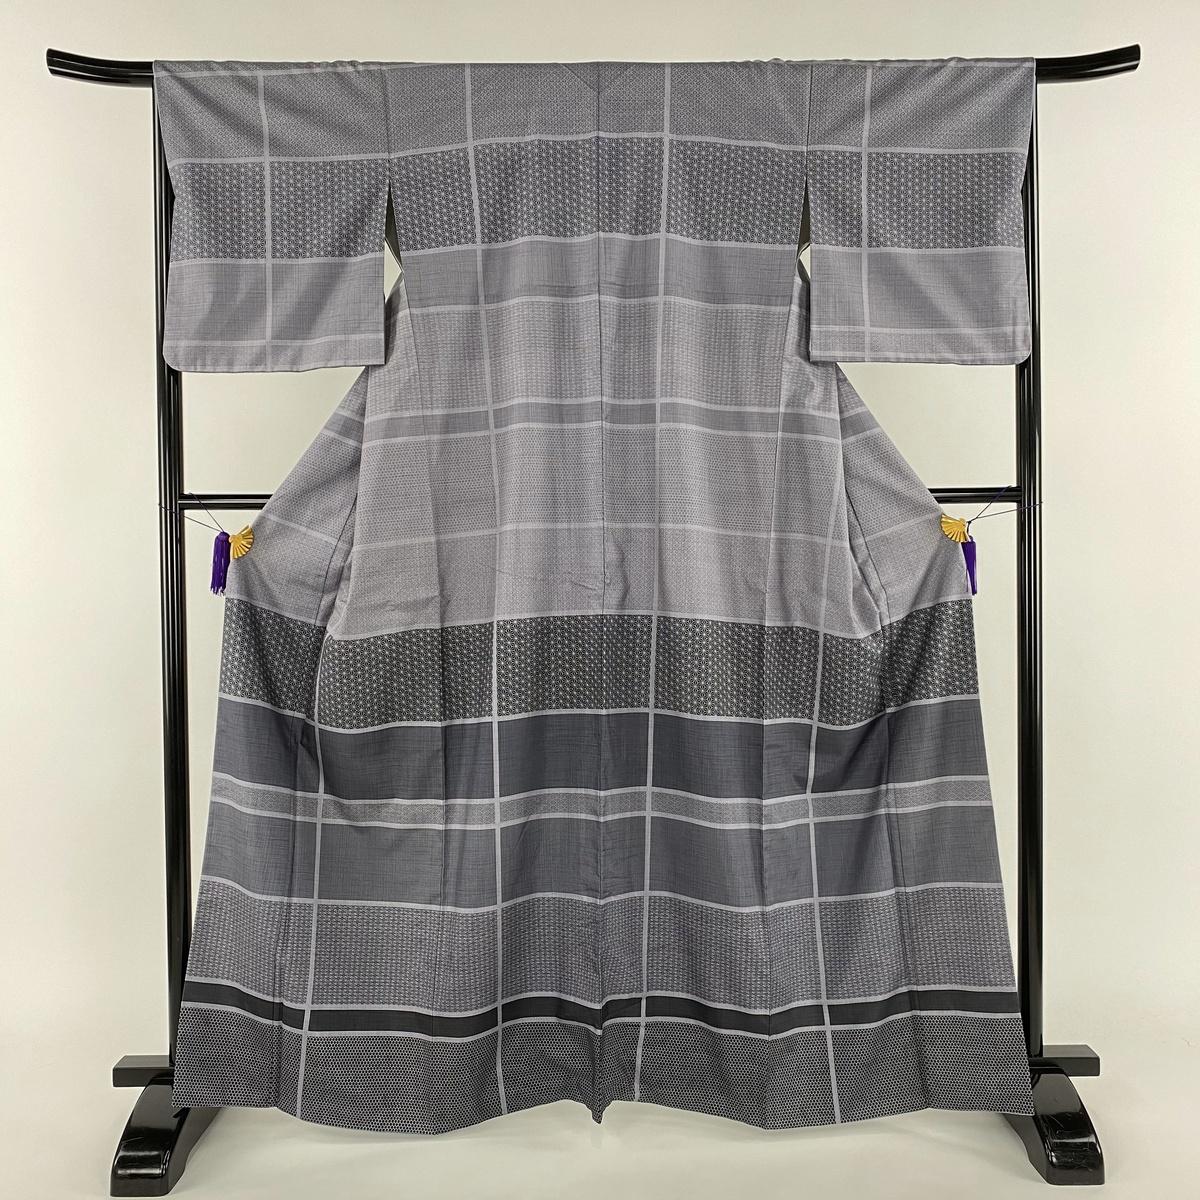 訪問着 美品 名品 紬地 縞模様 麻の葉 薄紫 袷 身丈163.5cm 裄丈66cm M 正絹 【中古】